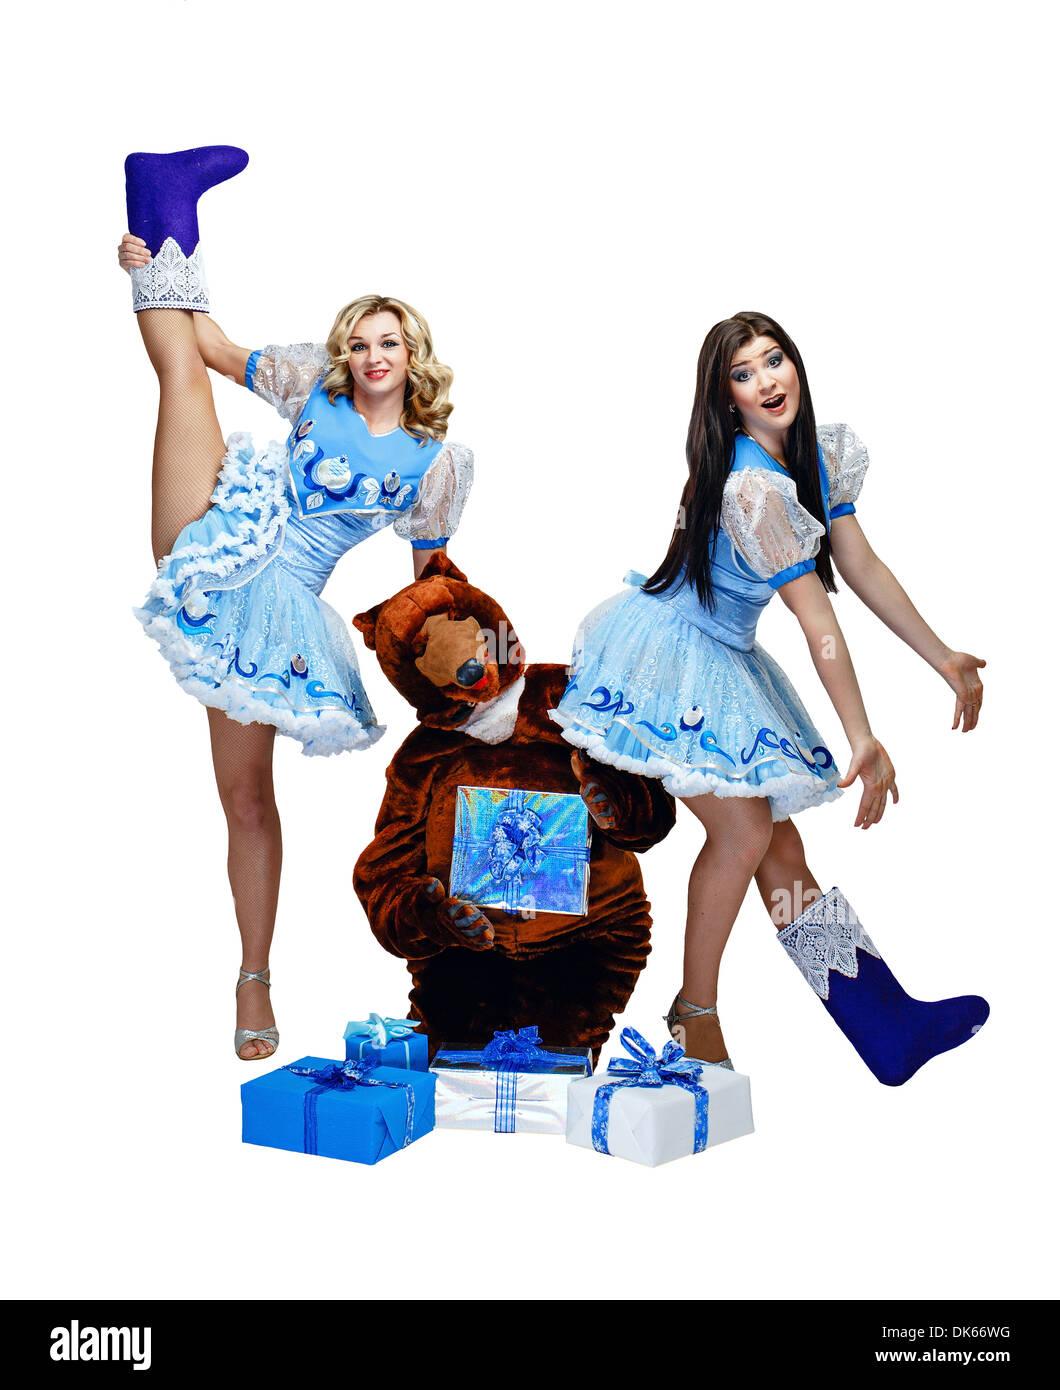 Attraktive junge Mädchen im Schnee Mädchen Kostüm stehen als ...